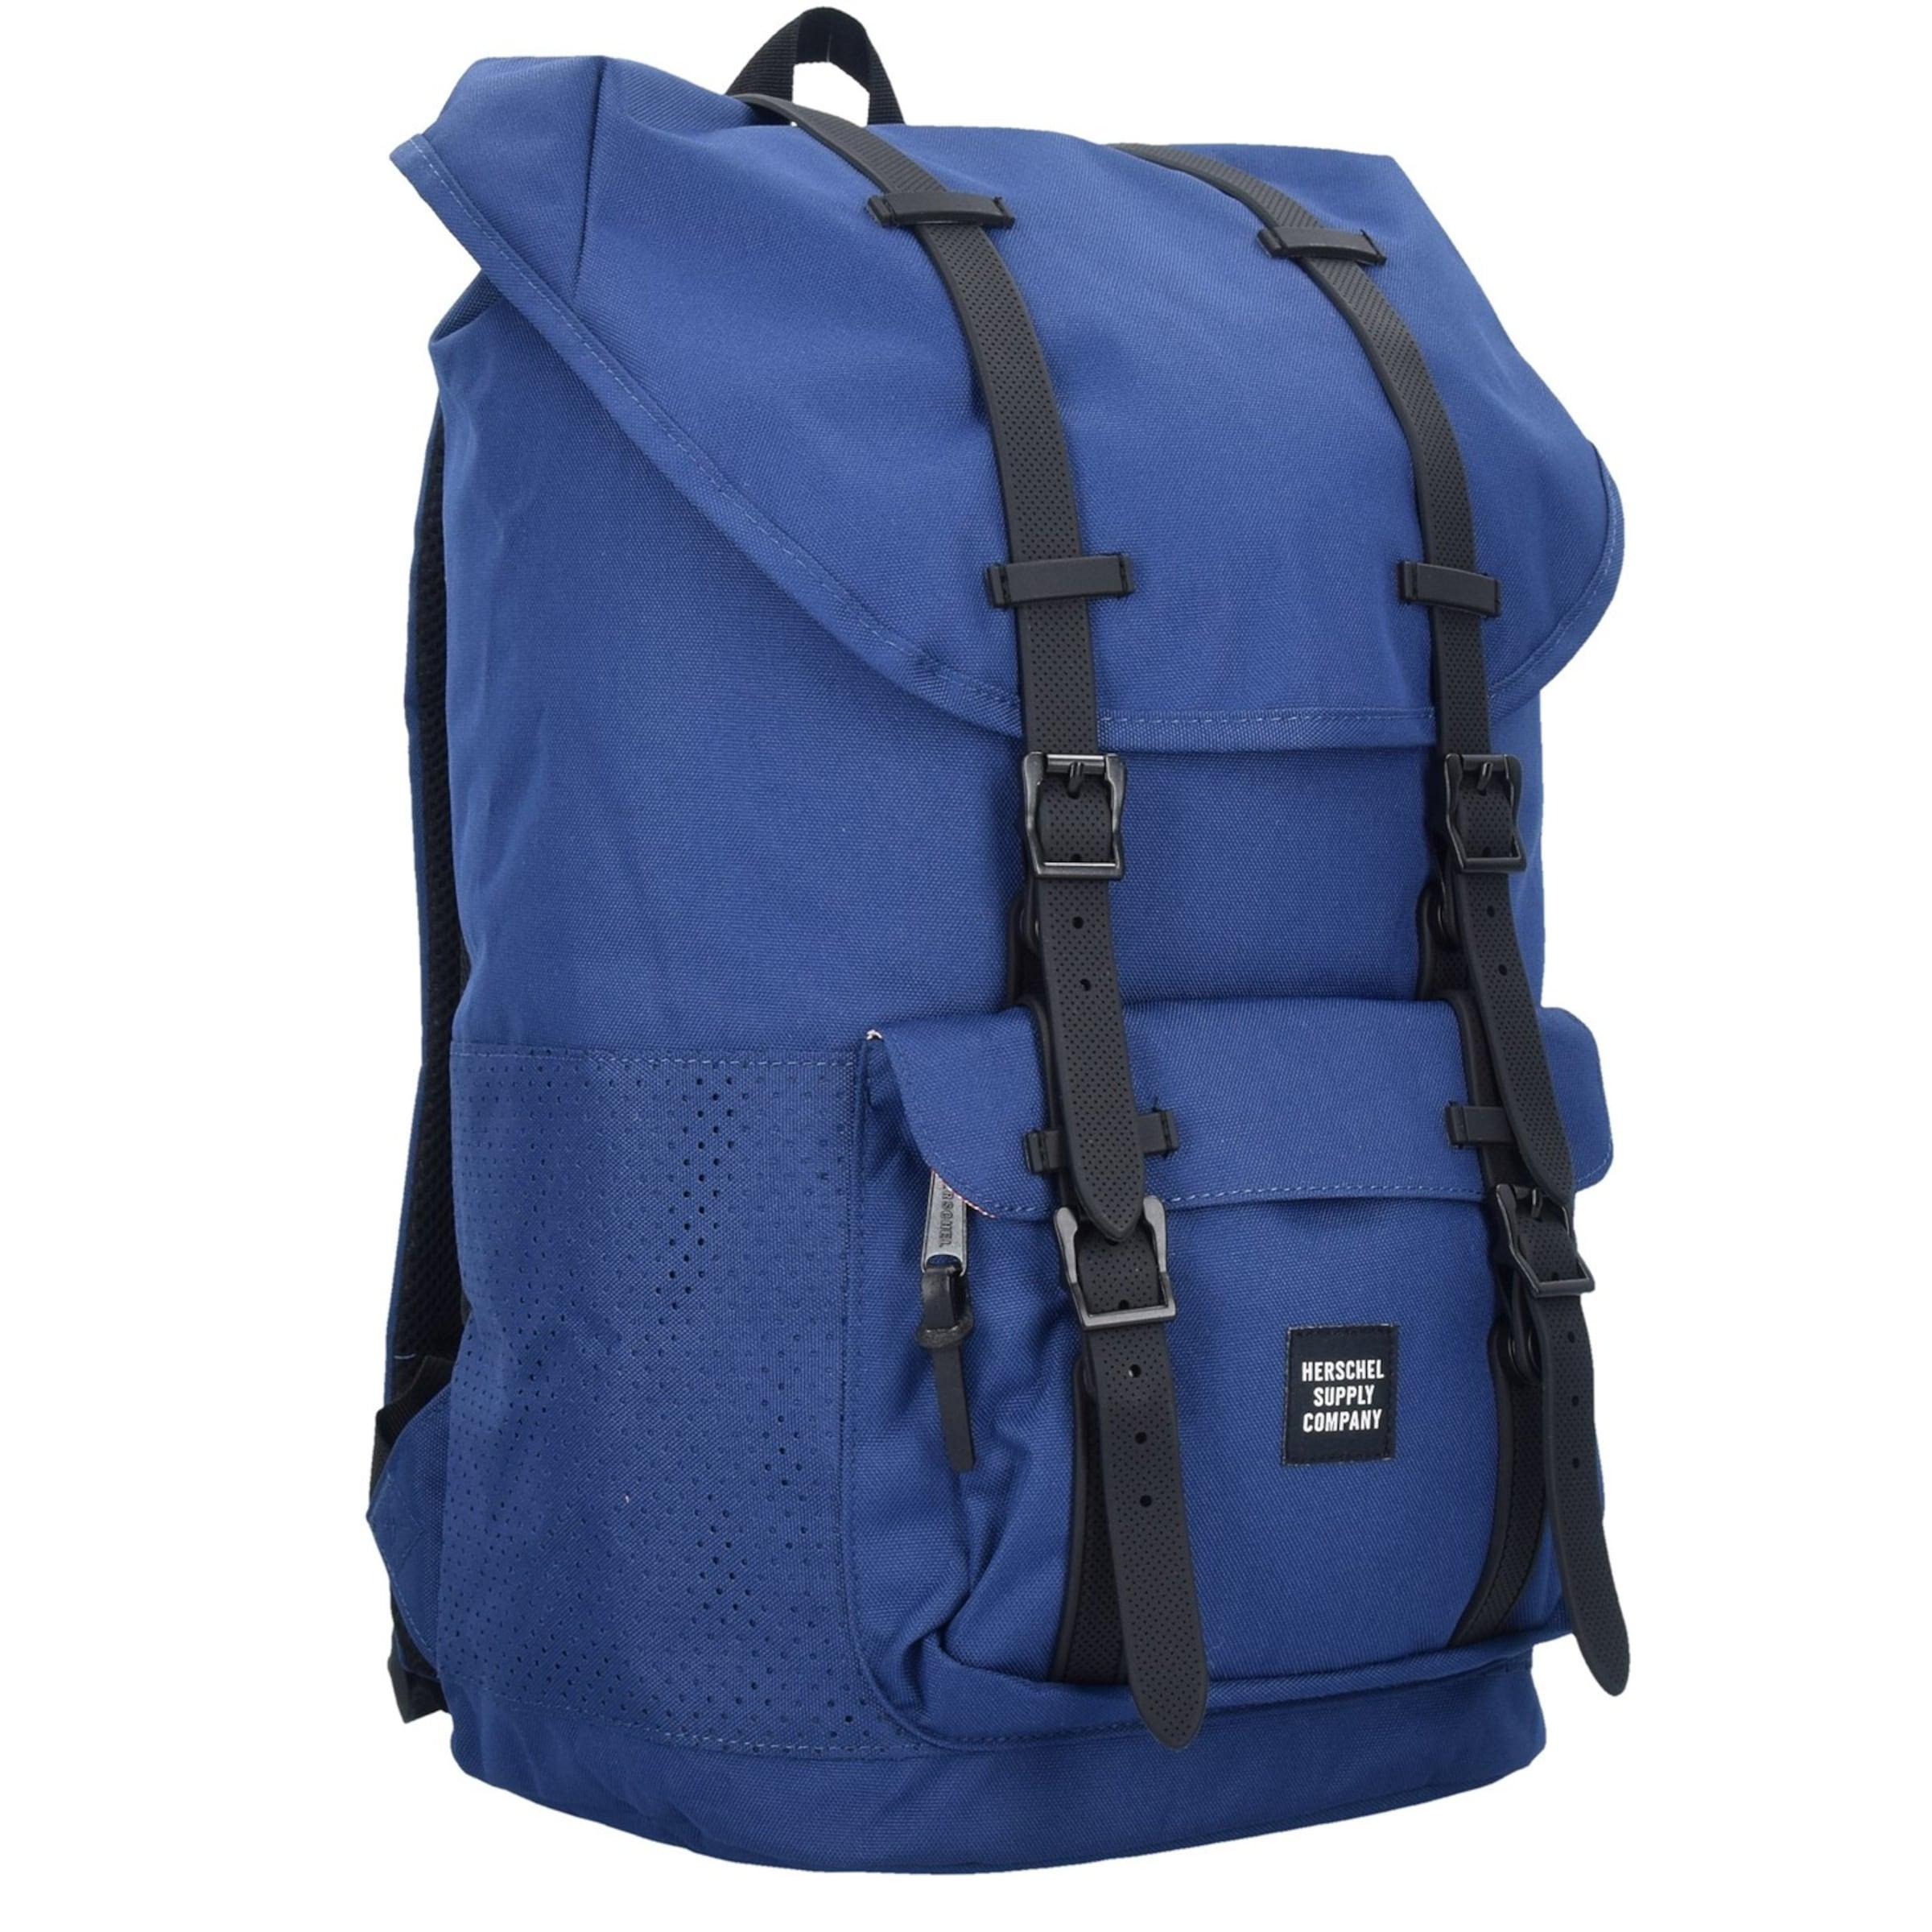 Mode Online-Verkauf Herschel Little America 17 Backpack Rucksack 52 cm Laptopfach 2018 Neuer Günstiger Preis Günstigsten Preis Zu Verkaufen Erschwinglich johyZo